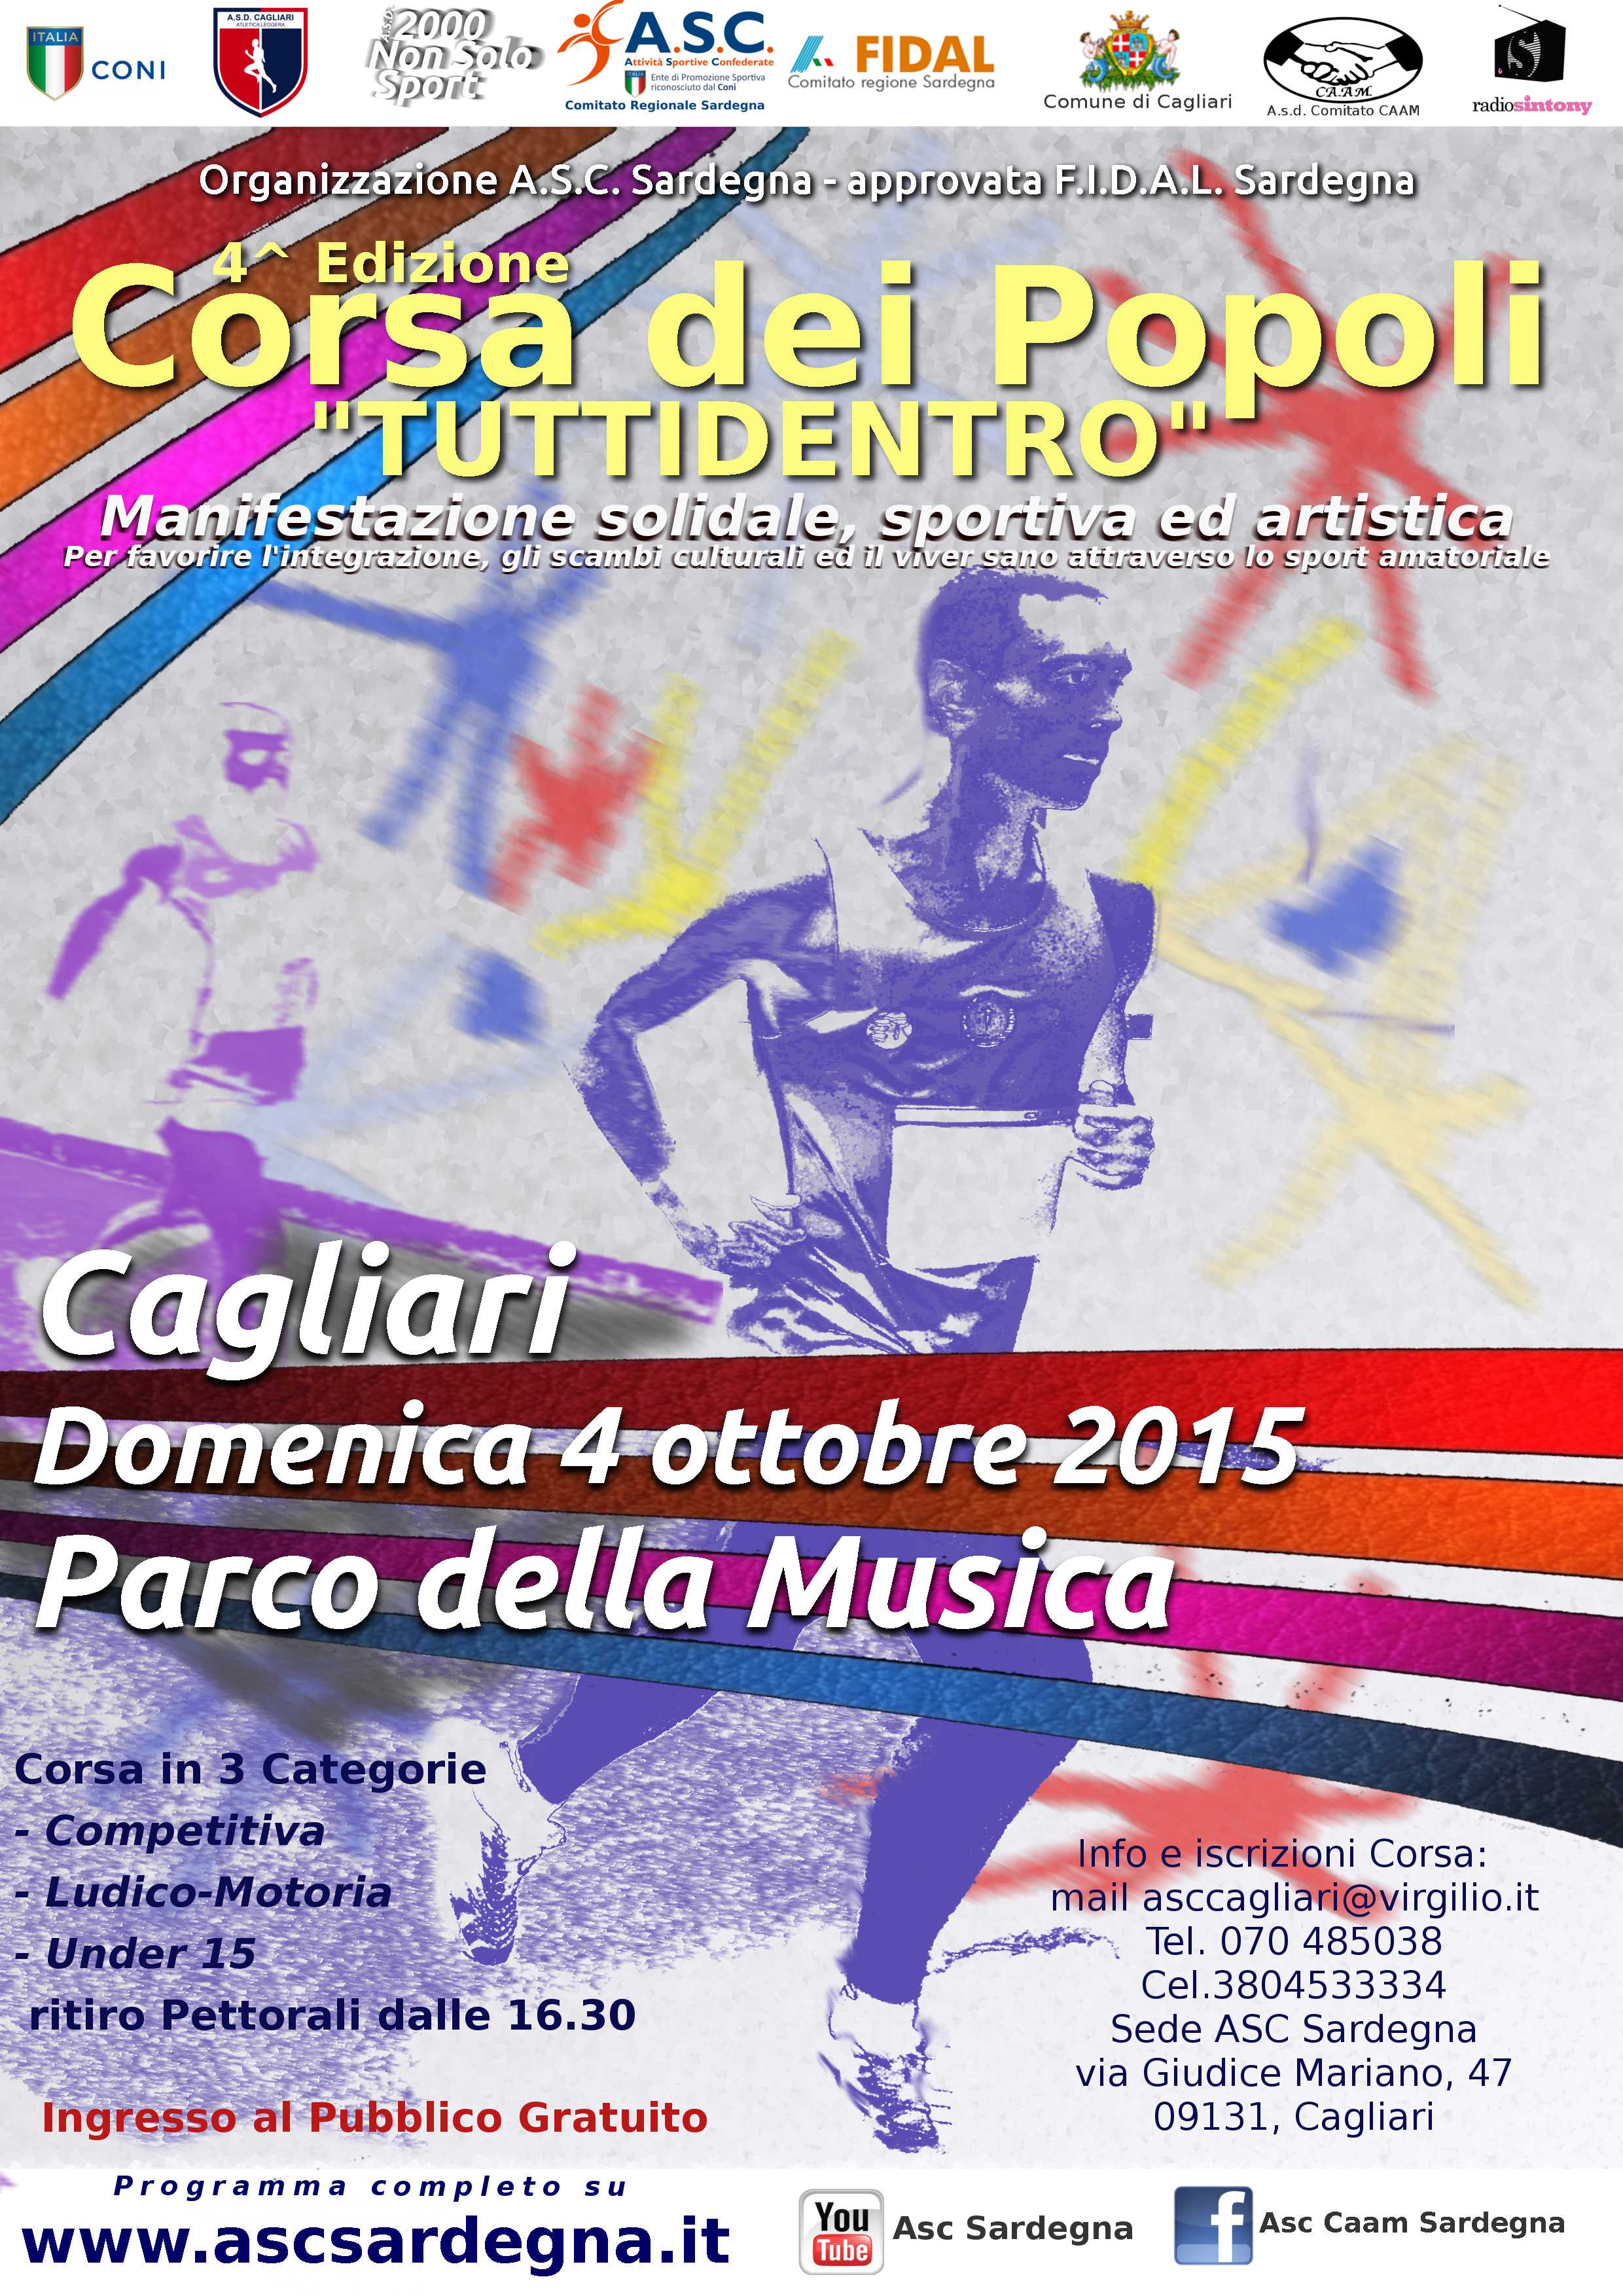 Fidal Sardegna Calendario Gare.4 Edizione Corsa Dei Popoli Tuttidentro